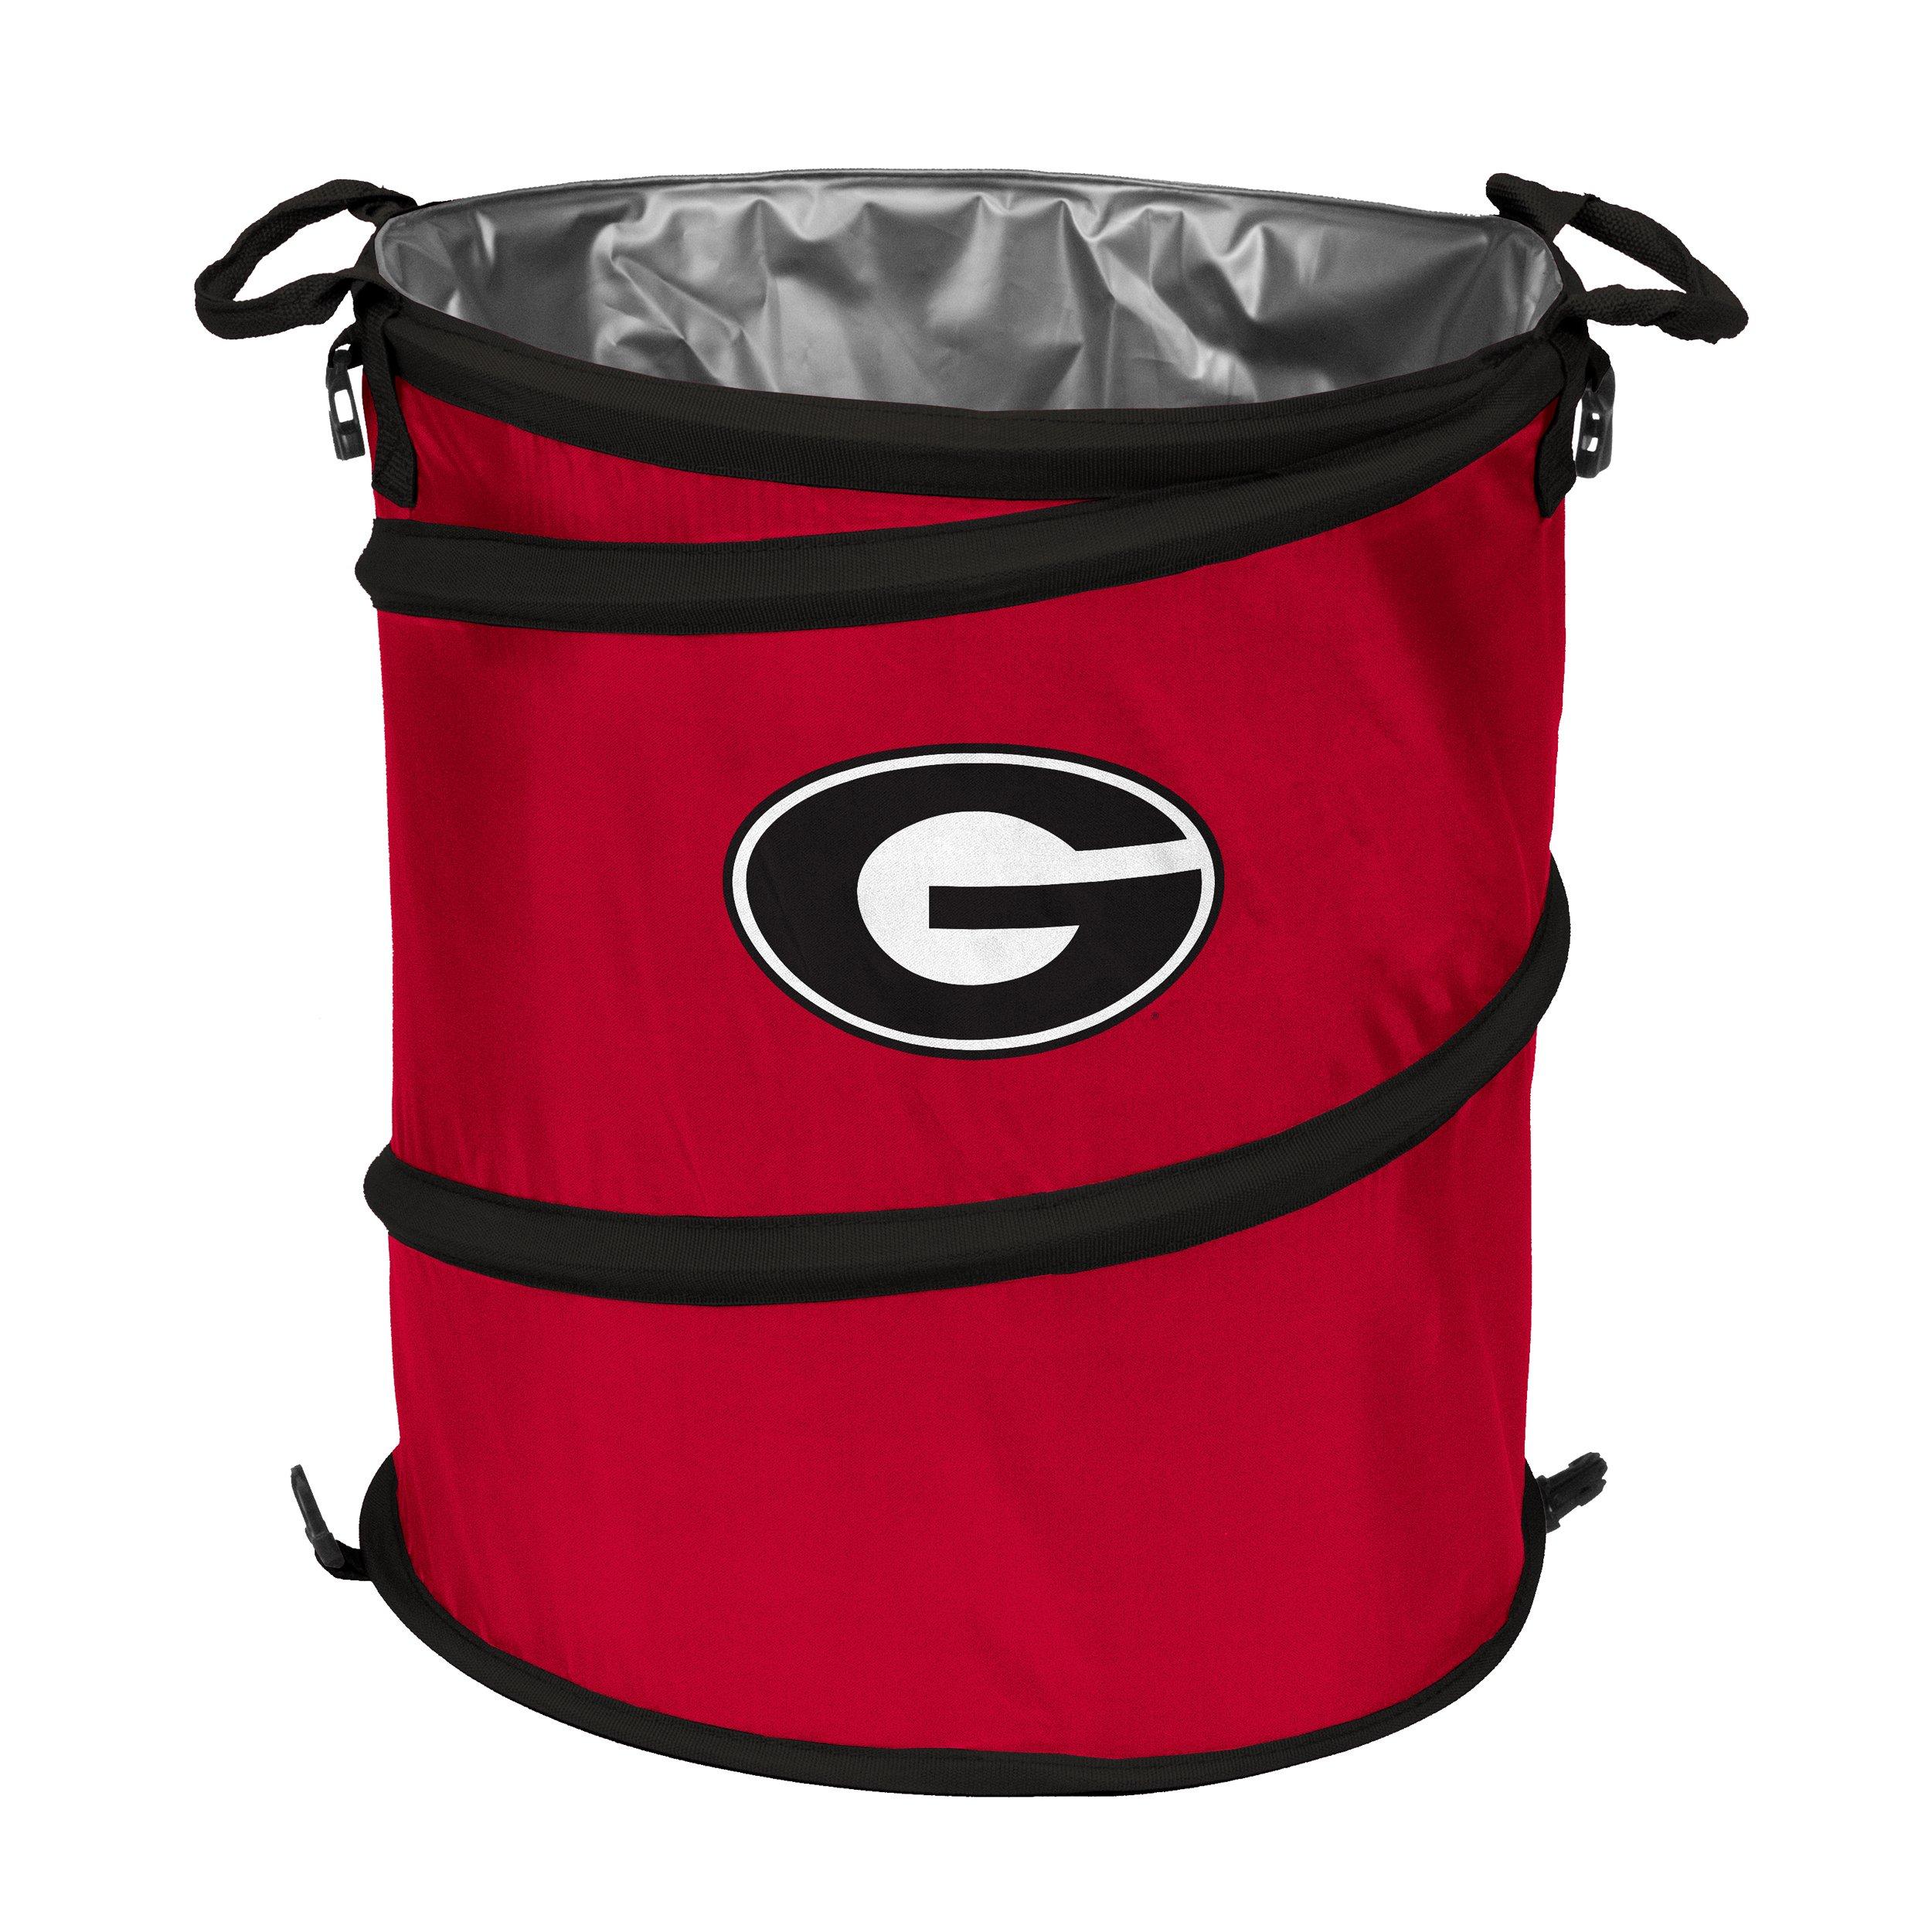 Georgia Bulldogs Trash Can Cooler